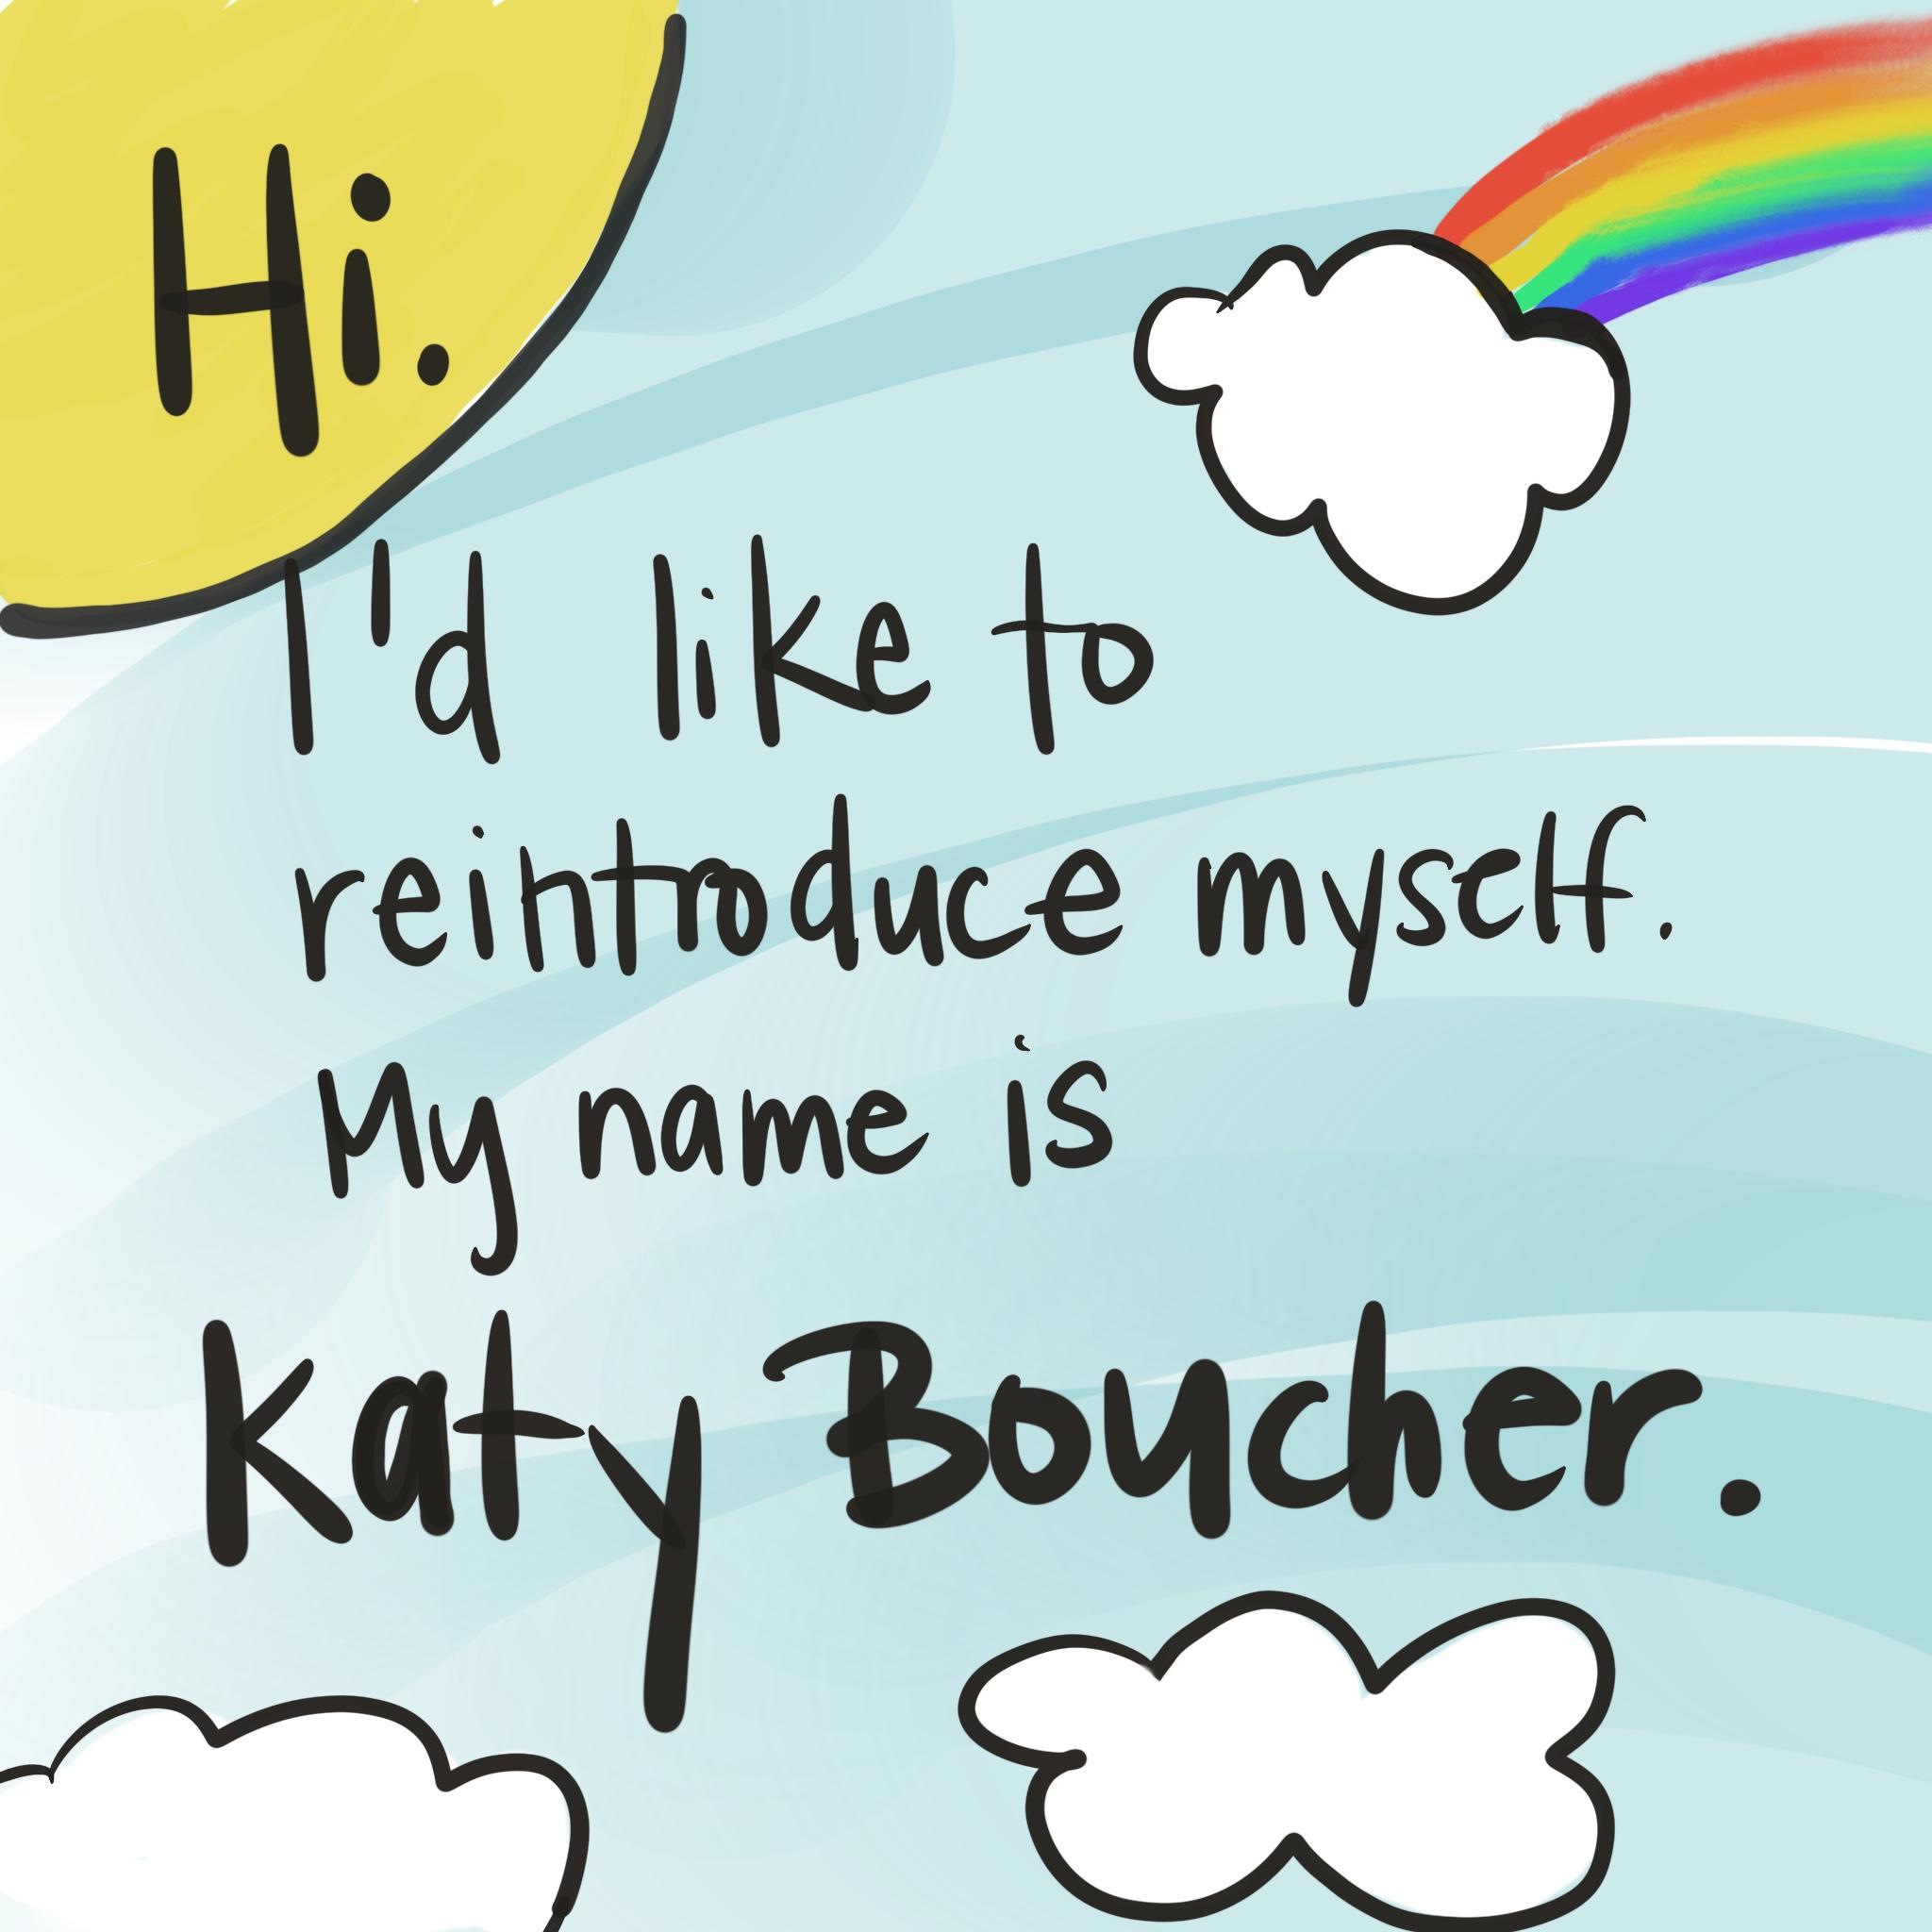 Katy Shamitz is now Katy Boucher  — Katy Boucher